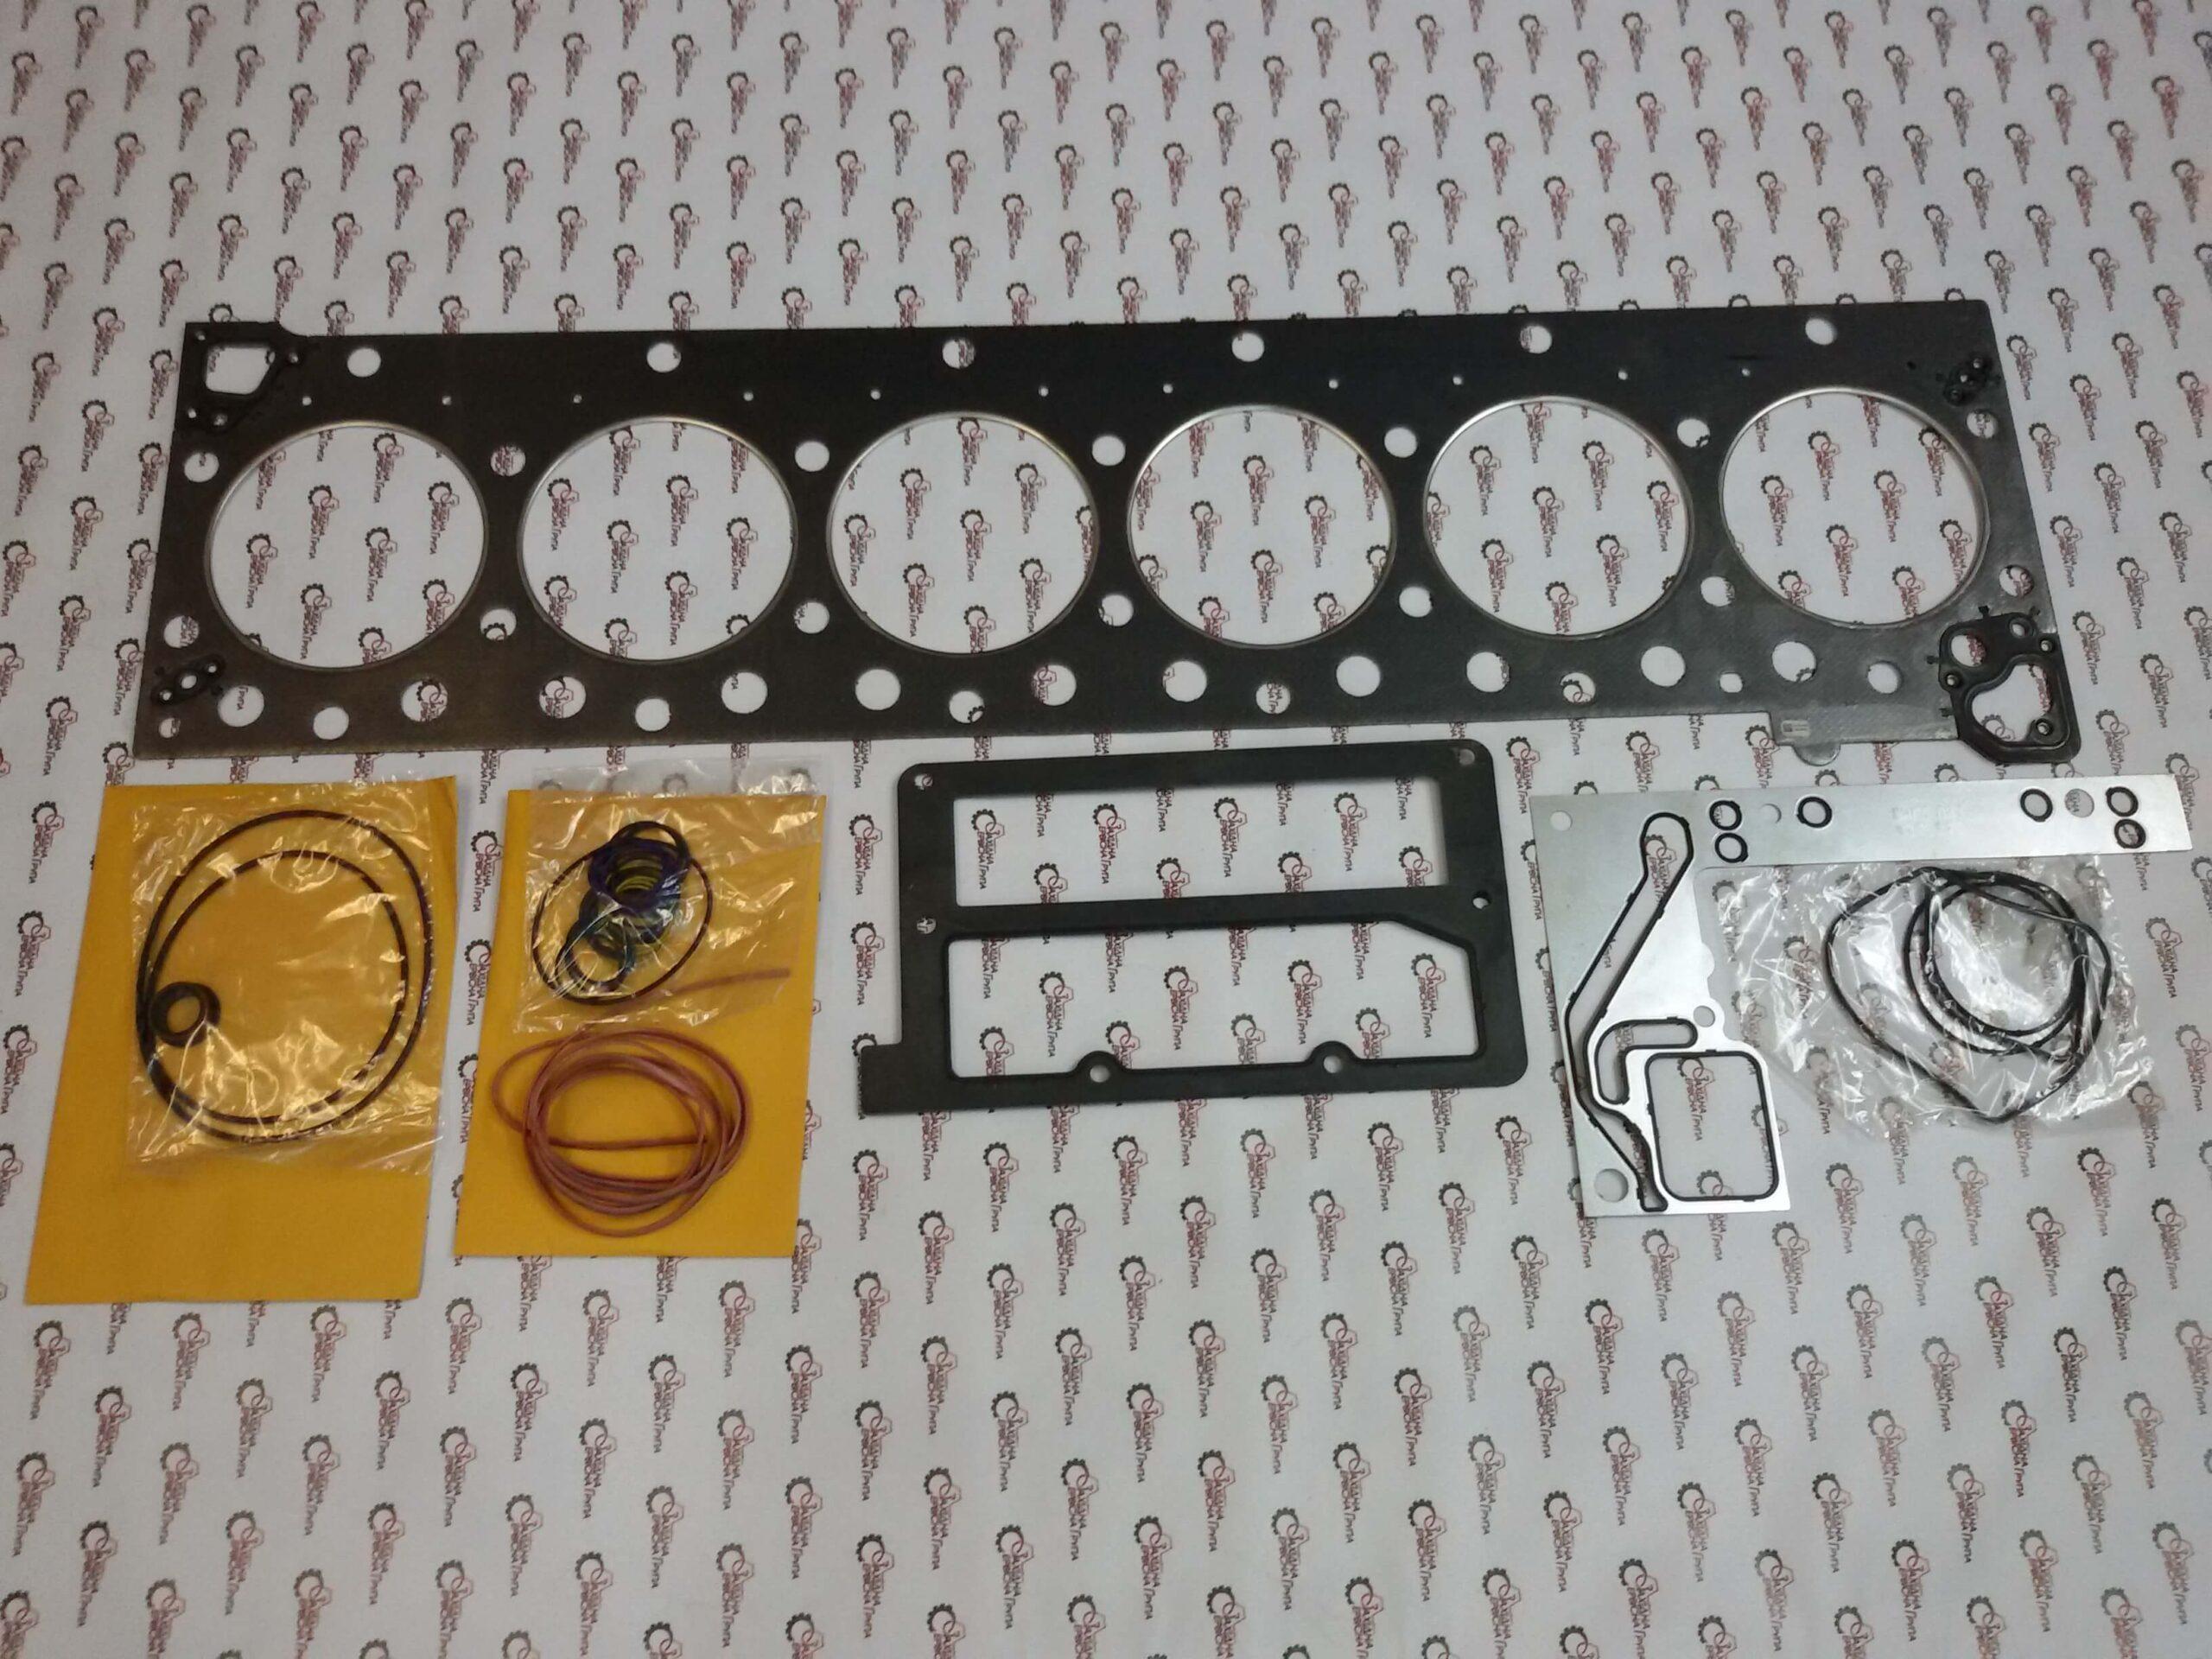 Комплект прокладок верхней части двигателя Cummins ISX15, QSX15, 4352144, 4955595, 4025300.